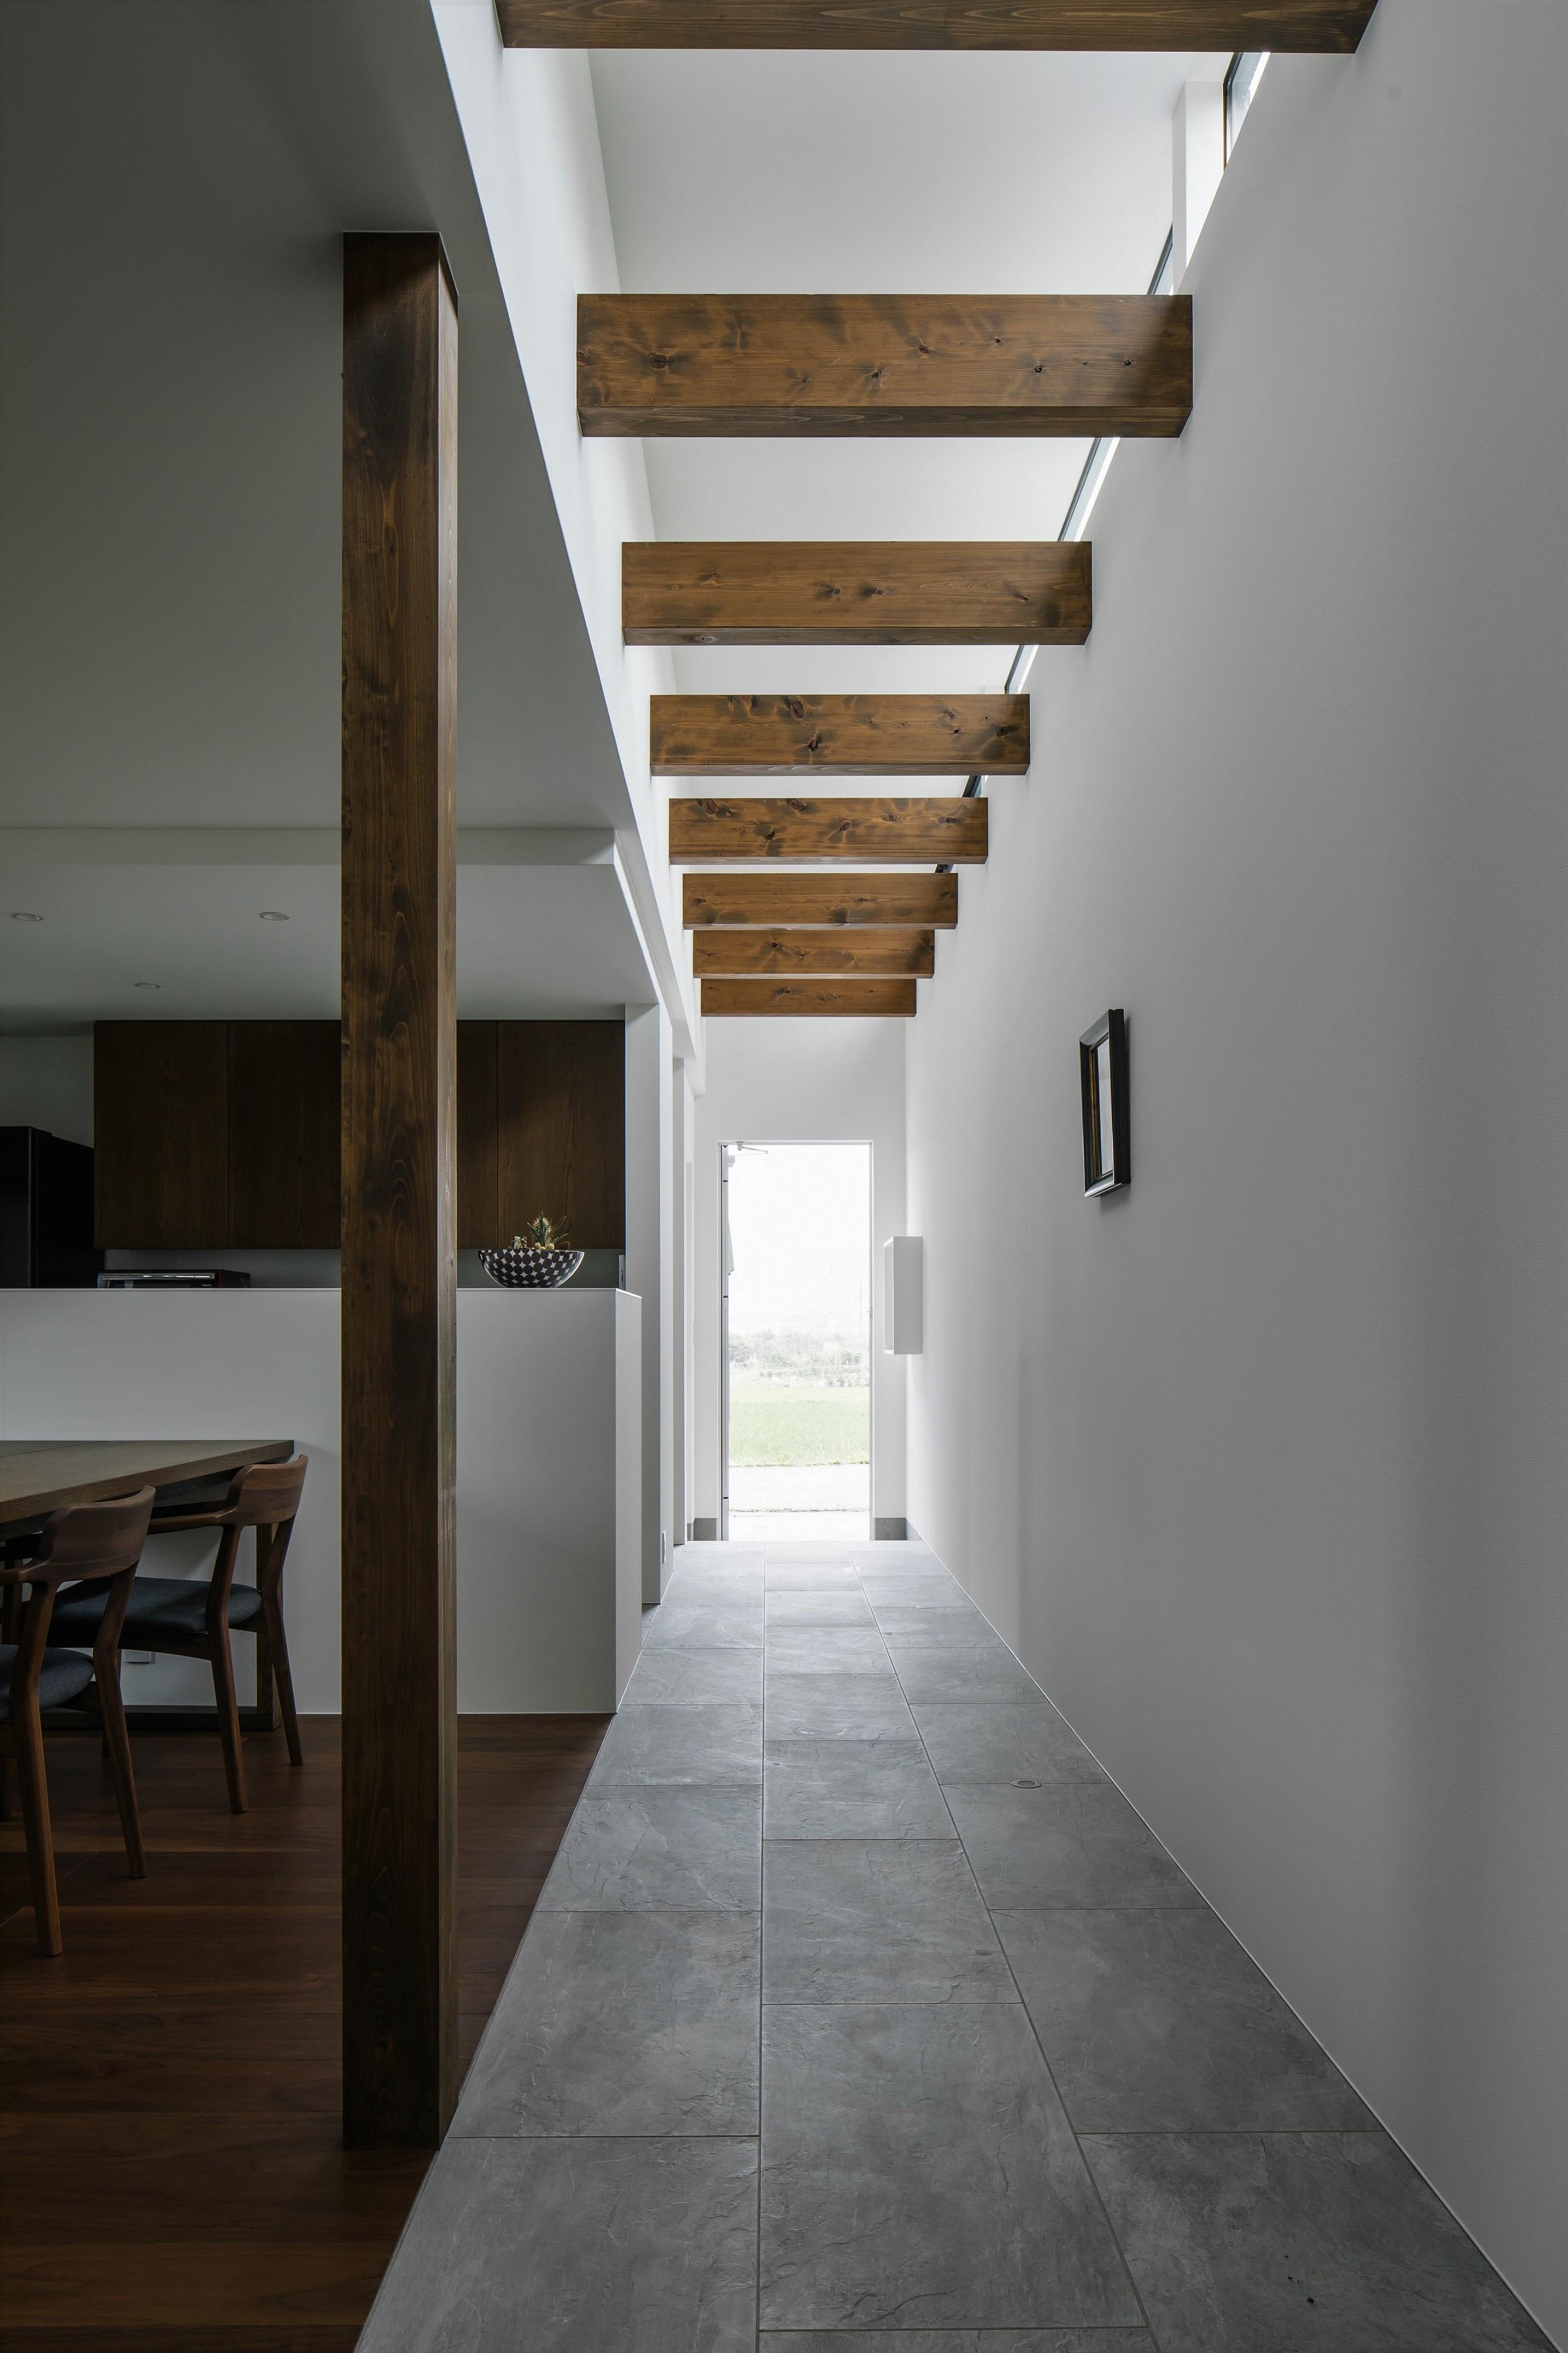 その他事例:廊下(プライバシーを確保しながら光を取り入れる美術館のような家(石部東の家))